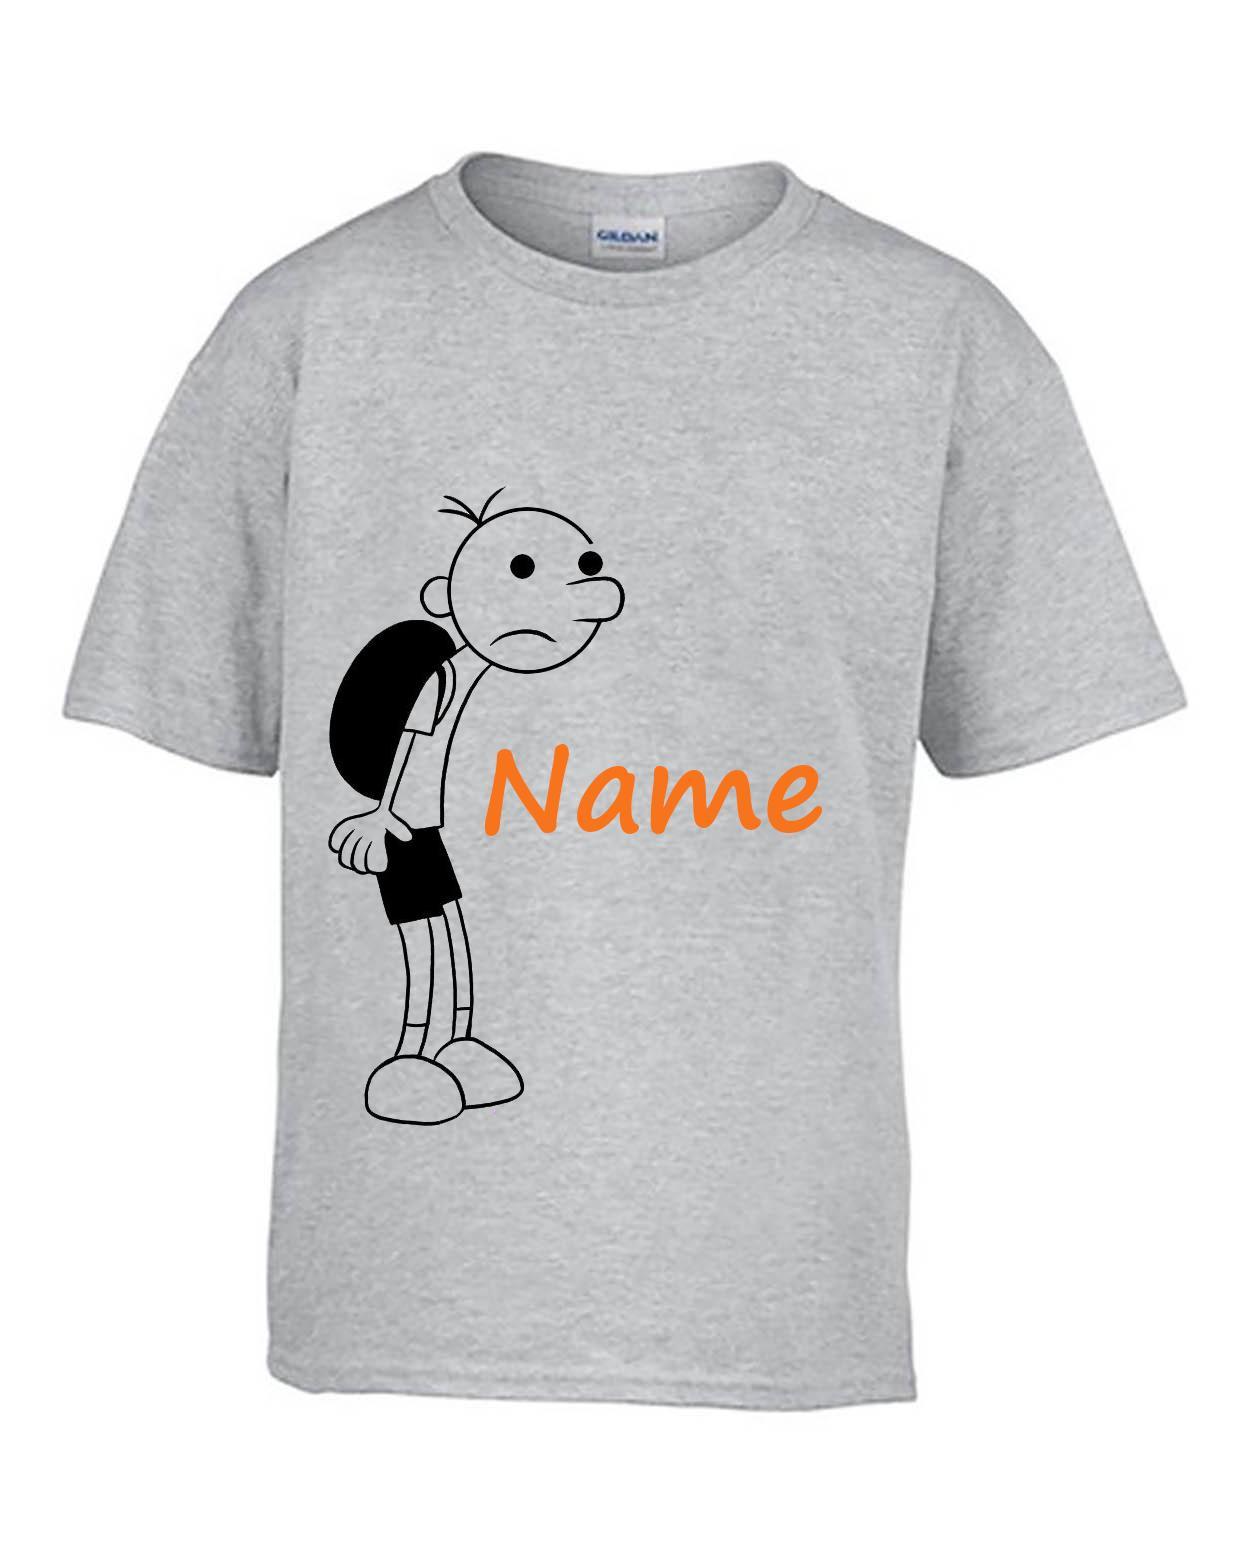 chaussures de séparation c2937 f4c10 Journal personnalisé pour enfants d un livre d enfant Wimpy T-shirt Haut  Vêtements The Long Haul Cartoon T-shirt Hommes Unisexe